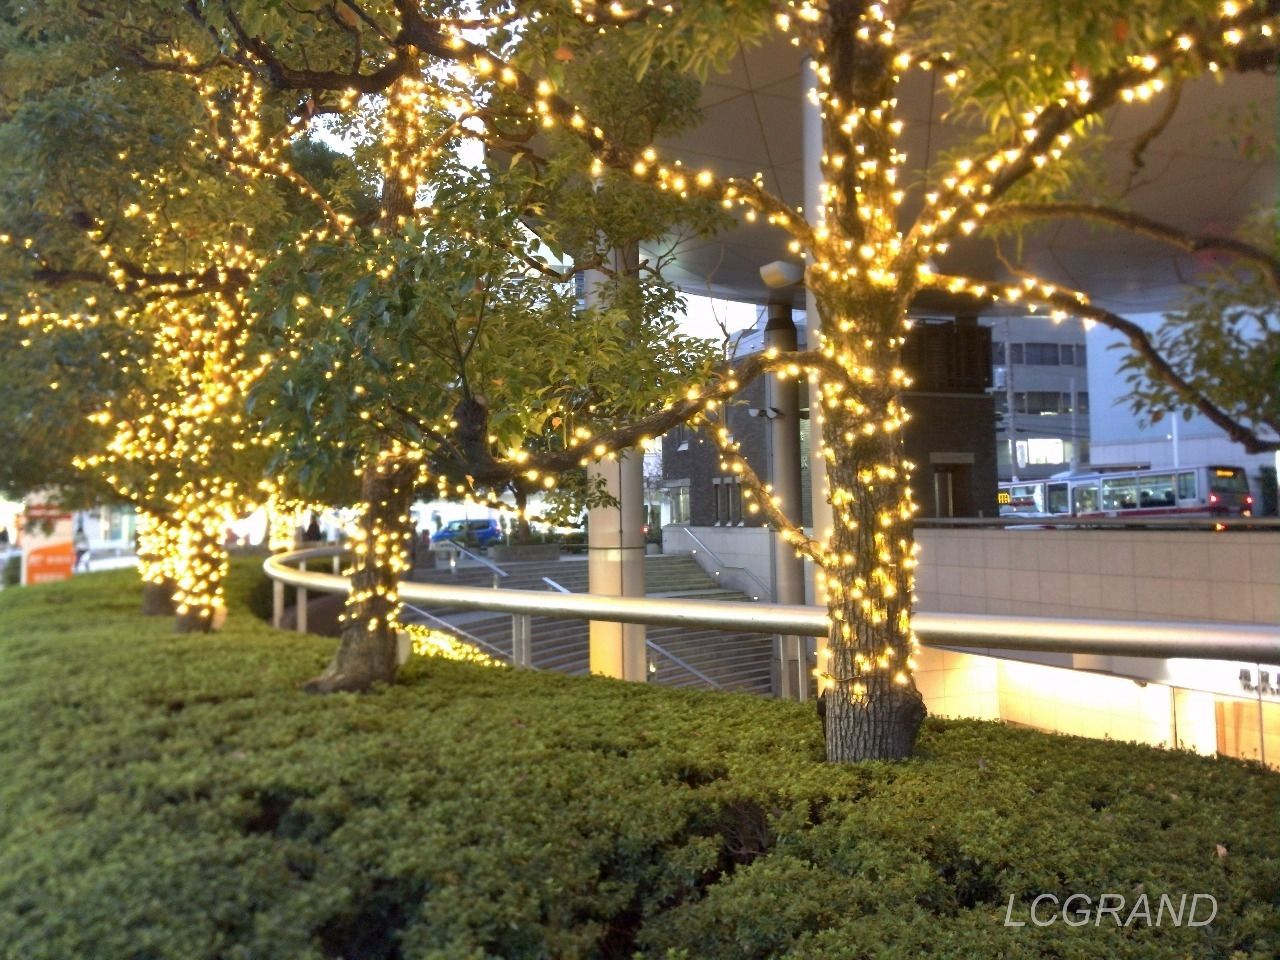 用賀駅の側道にある木々にもイルミネーションが飾られています。